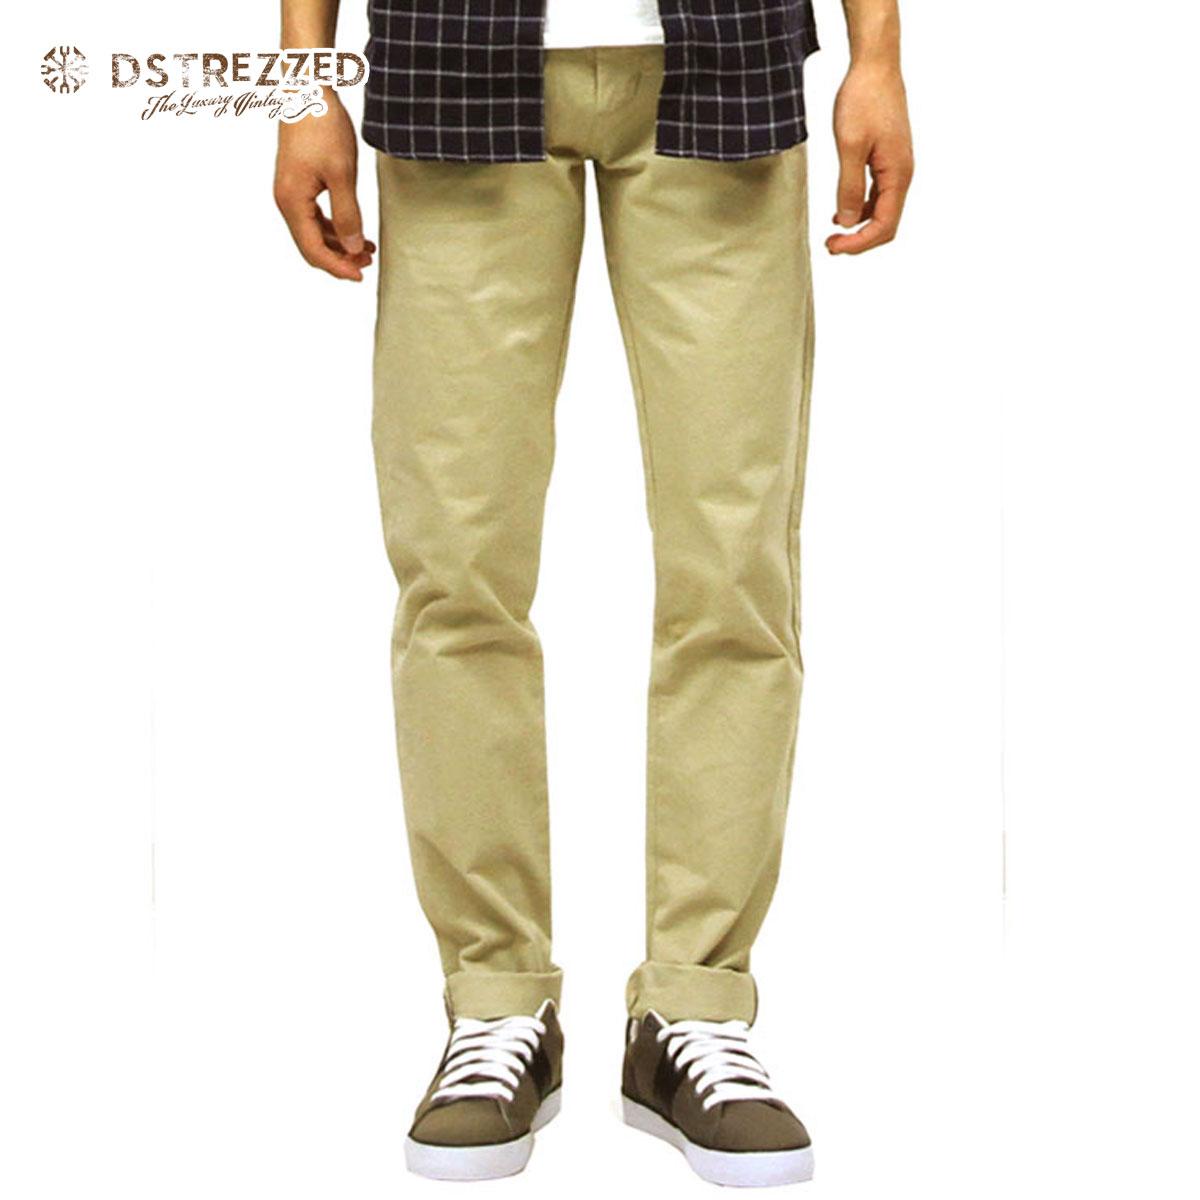 ディストレス DSTREZZED 正規販売店 メンズ チノパン STRETCH TWILL CHINO PANTS WITH BELT SAND CAMO 501146 51 D00S15